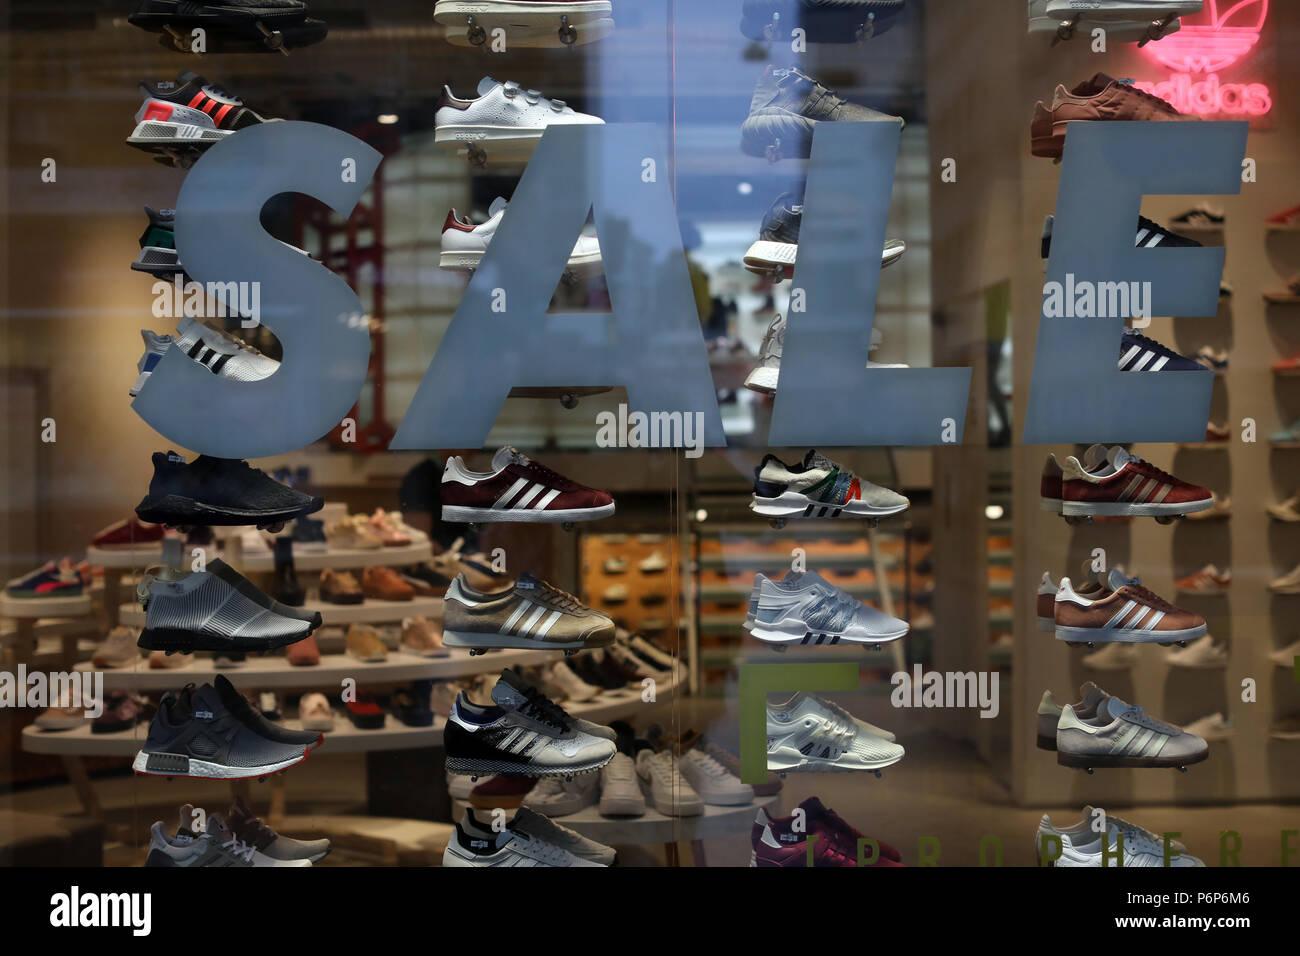 Une vitrine mondiale des sports d'un service de vente de publicité. Bâle. La Suisse. Photo Stock